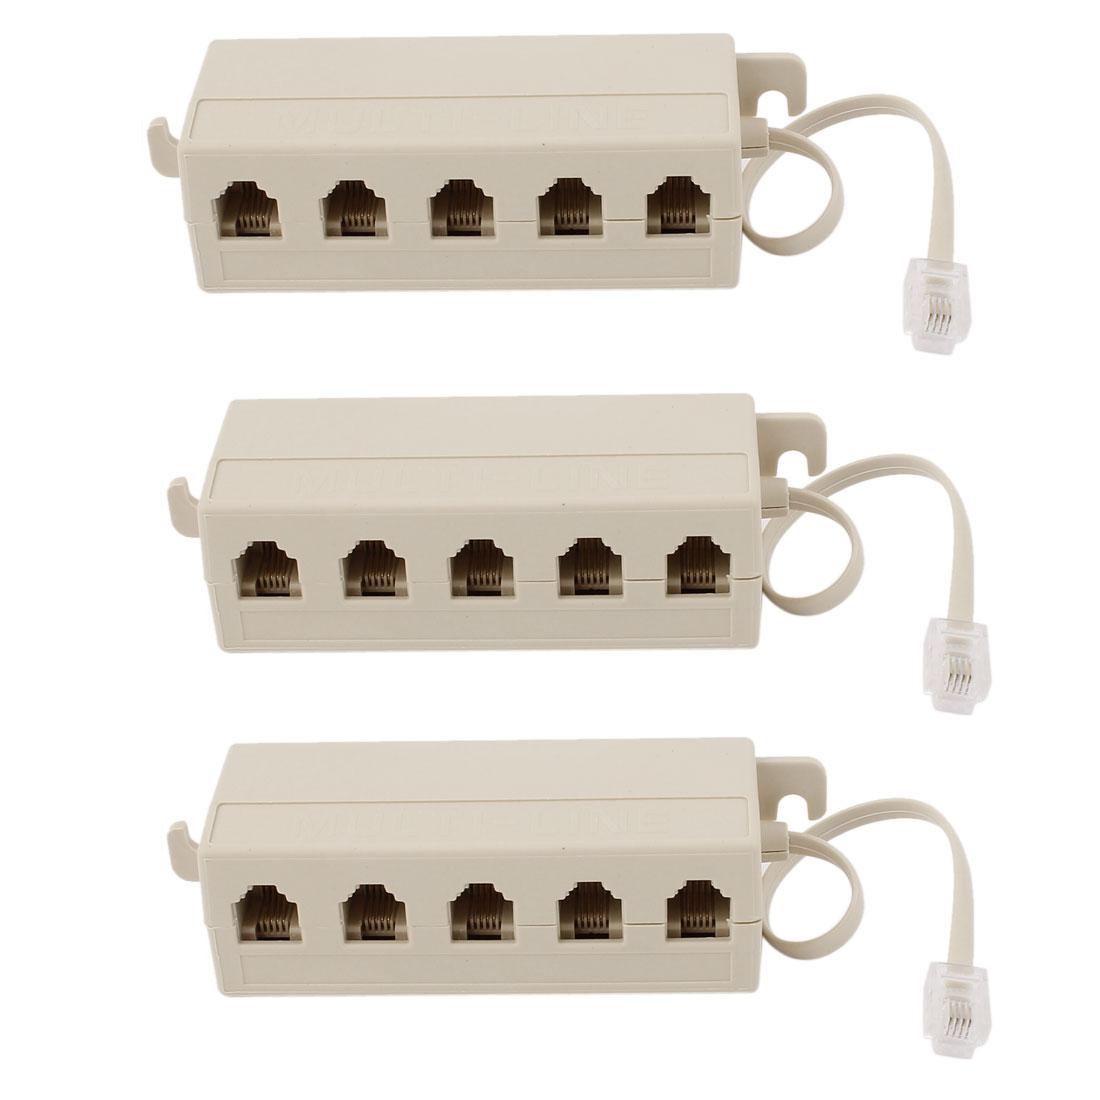 Unique Bargains 3pcs 5 Way Outlet 6P4C RJ11 Telephone Phone Modular Jack Line Splitter Adapter